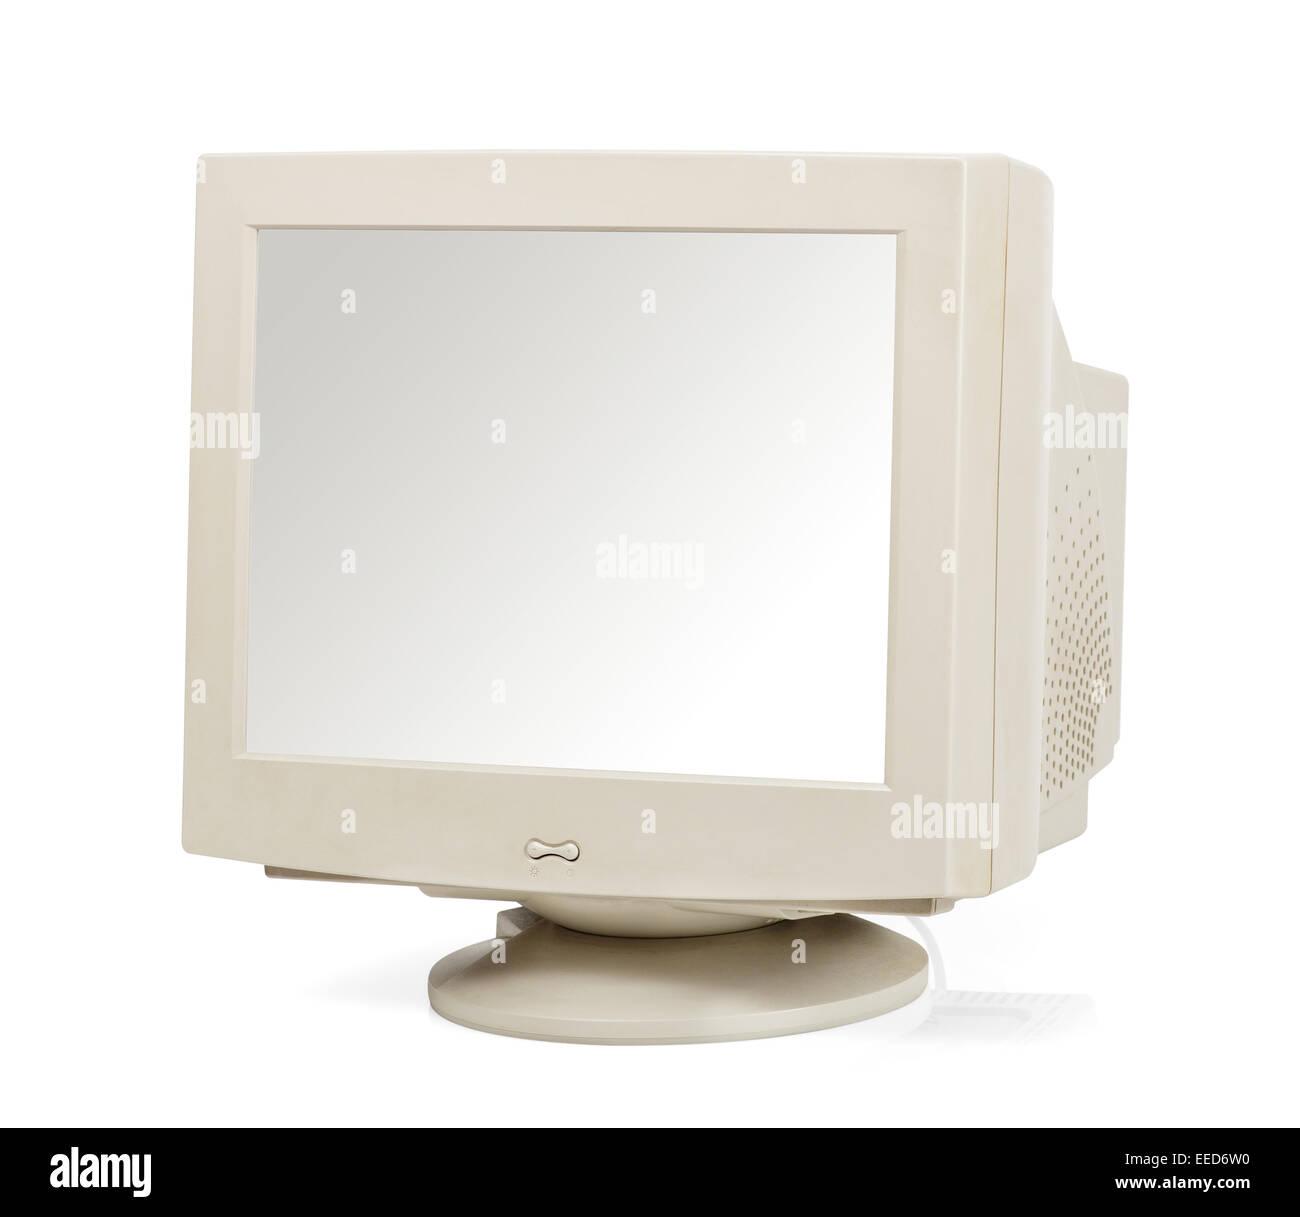 Monitor de ordenador Vintage aislado en blanco Imagen De Stock